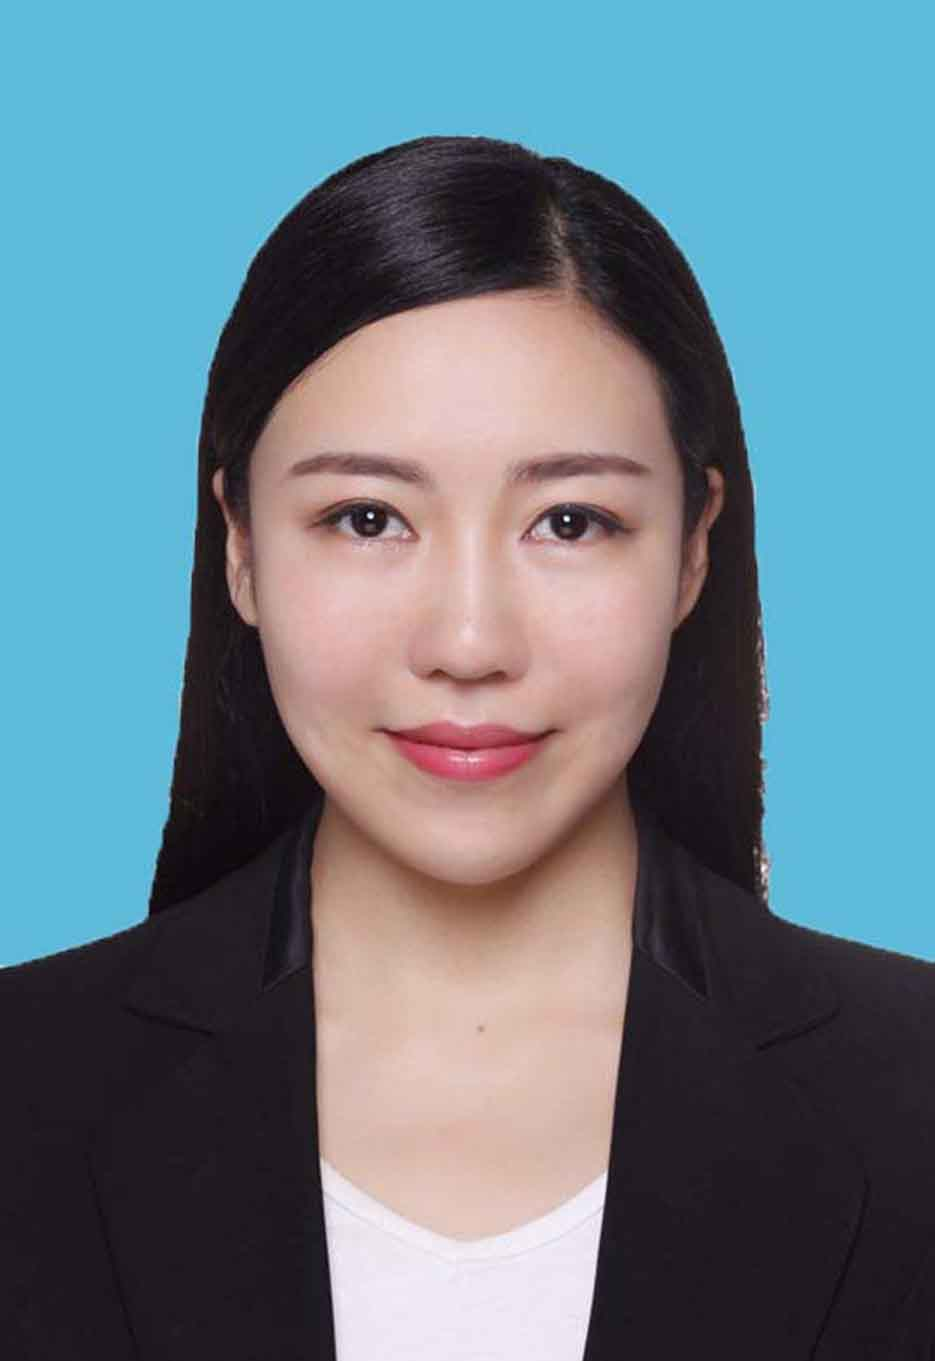 黄怡然律师信息_黄怡然律师个人案例 - 律师百科网